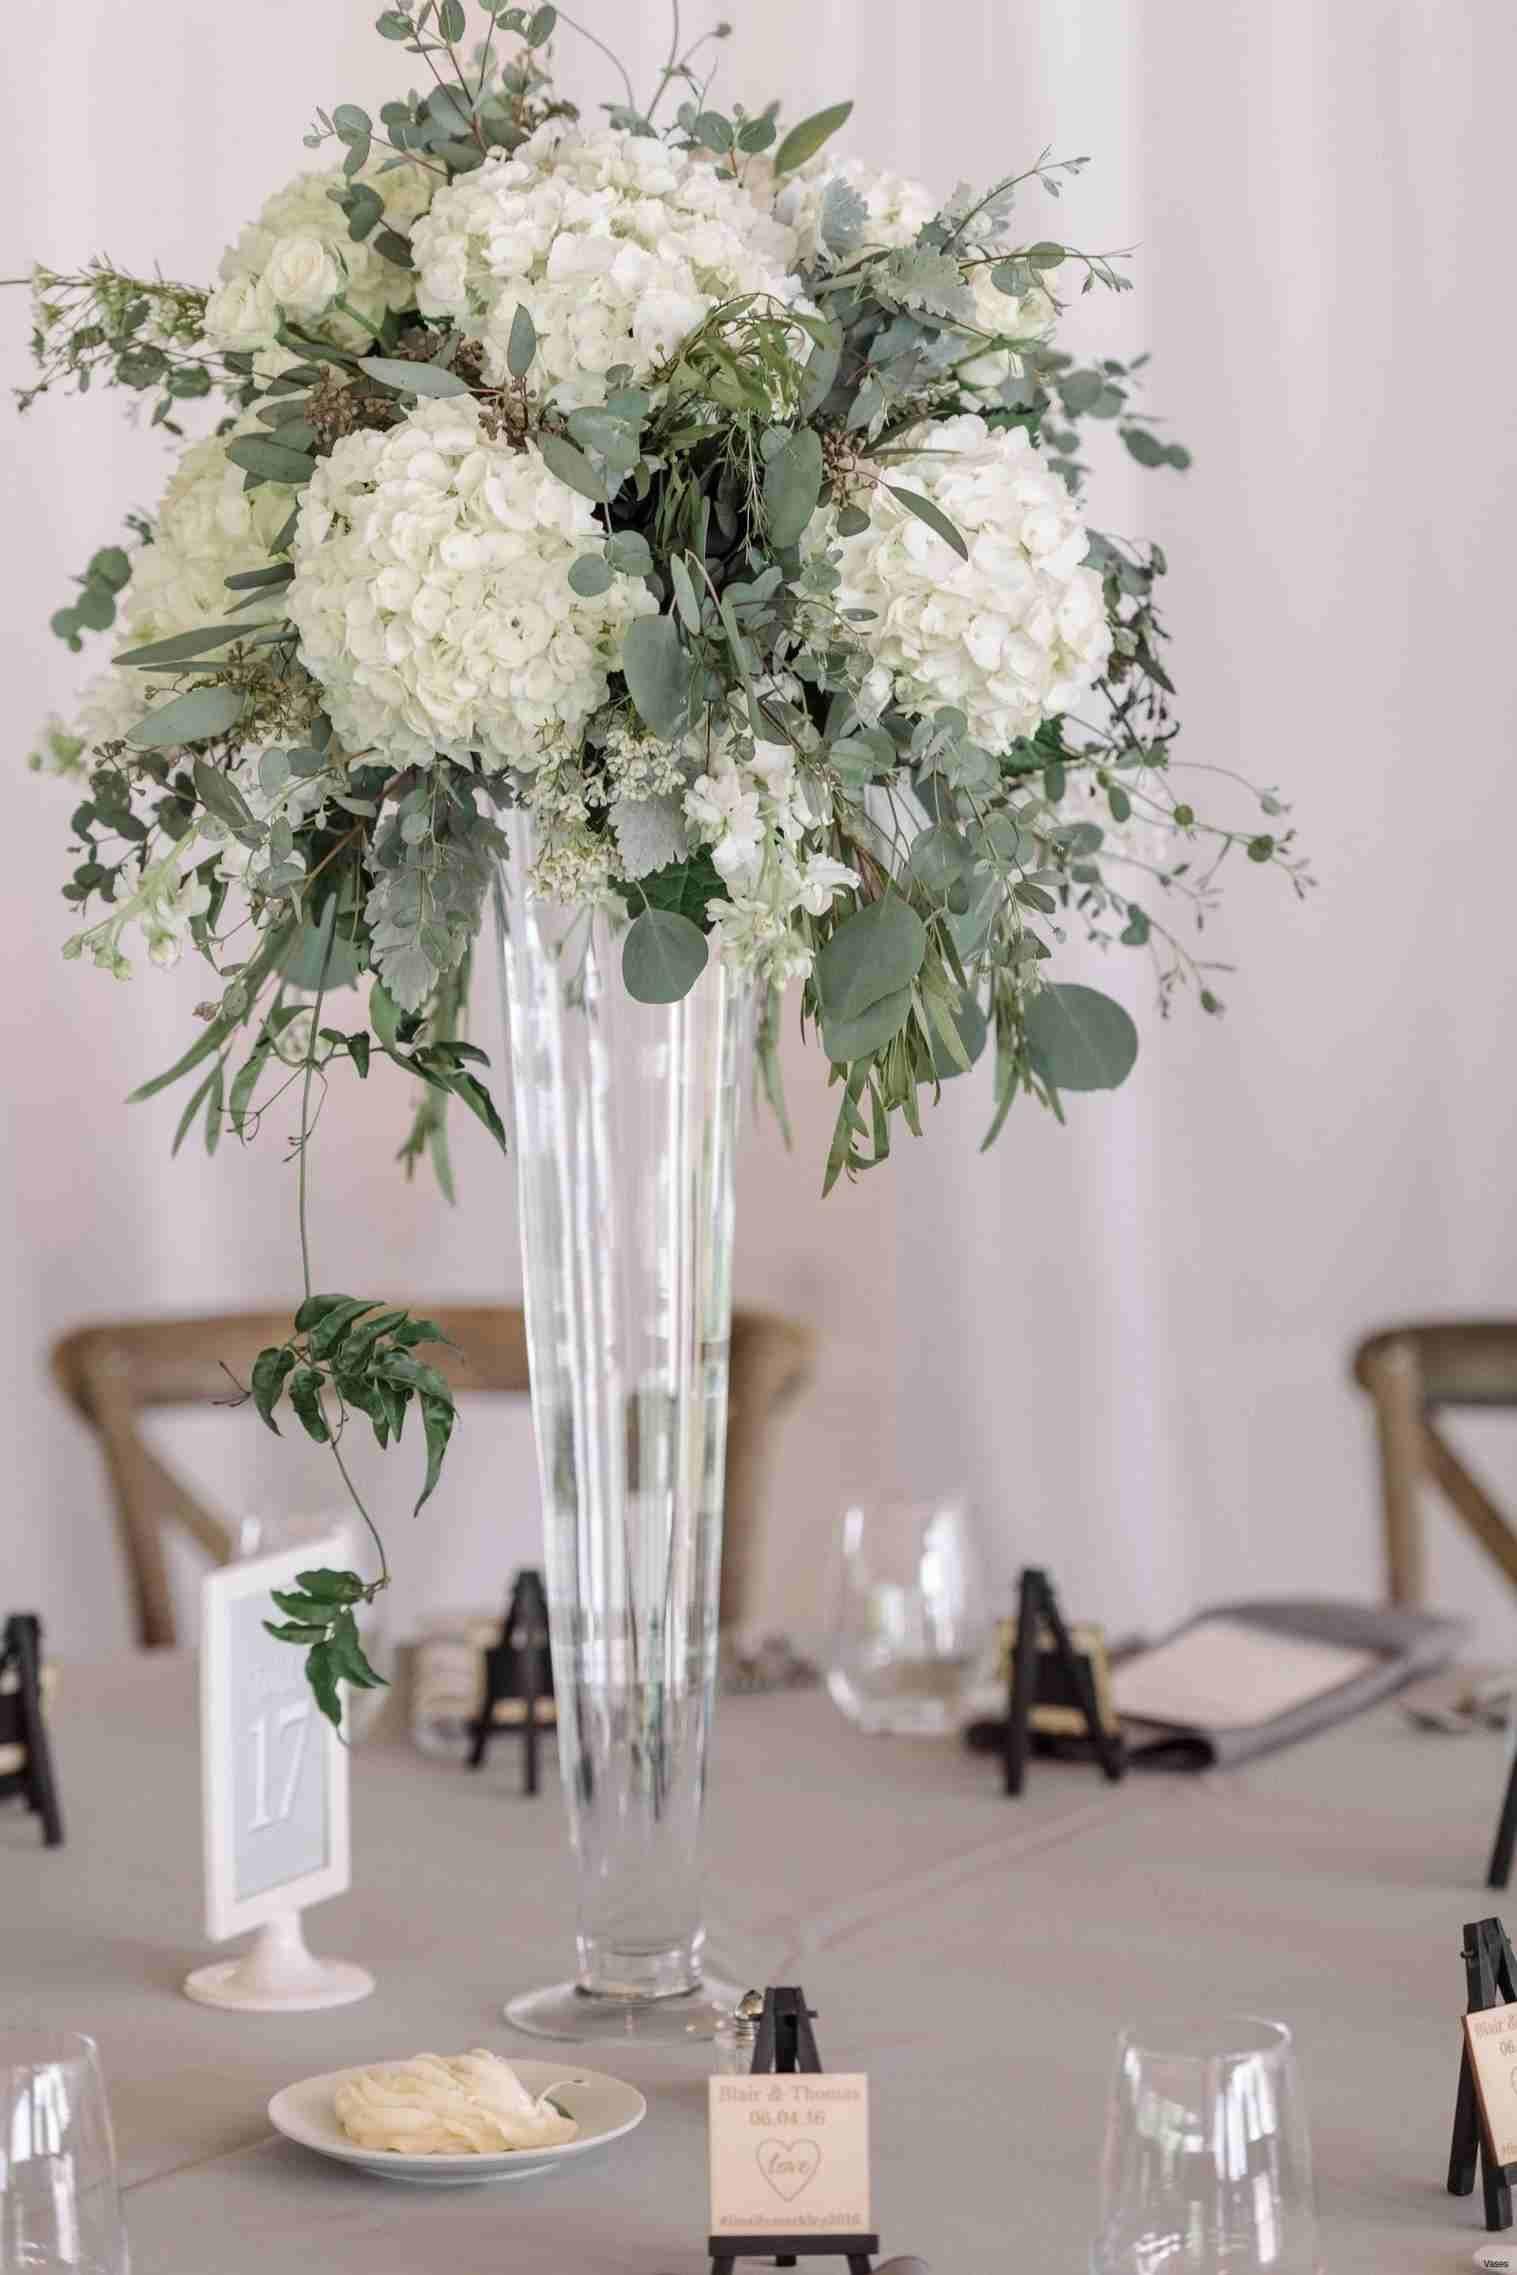 Diy Flower Vase Decoration Of Flower Vase Decoration Ideas Pinterest Flower Vases Diy Wall with Regard to New Post Flower Vase Decoration Ideas Visit Bobayule Trending Decors